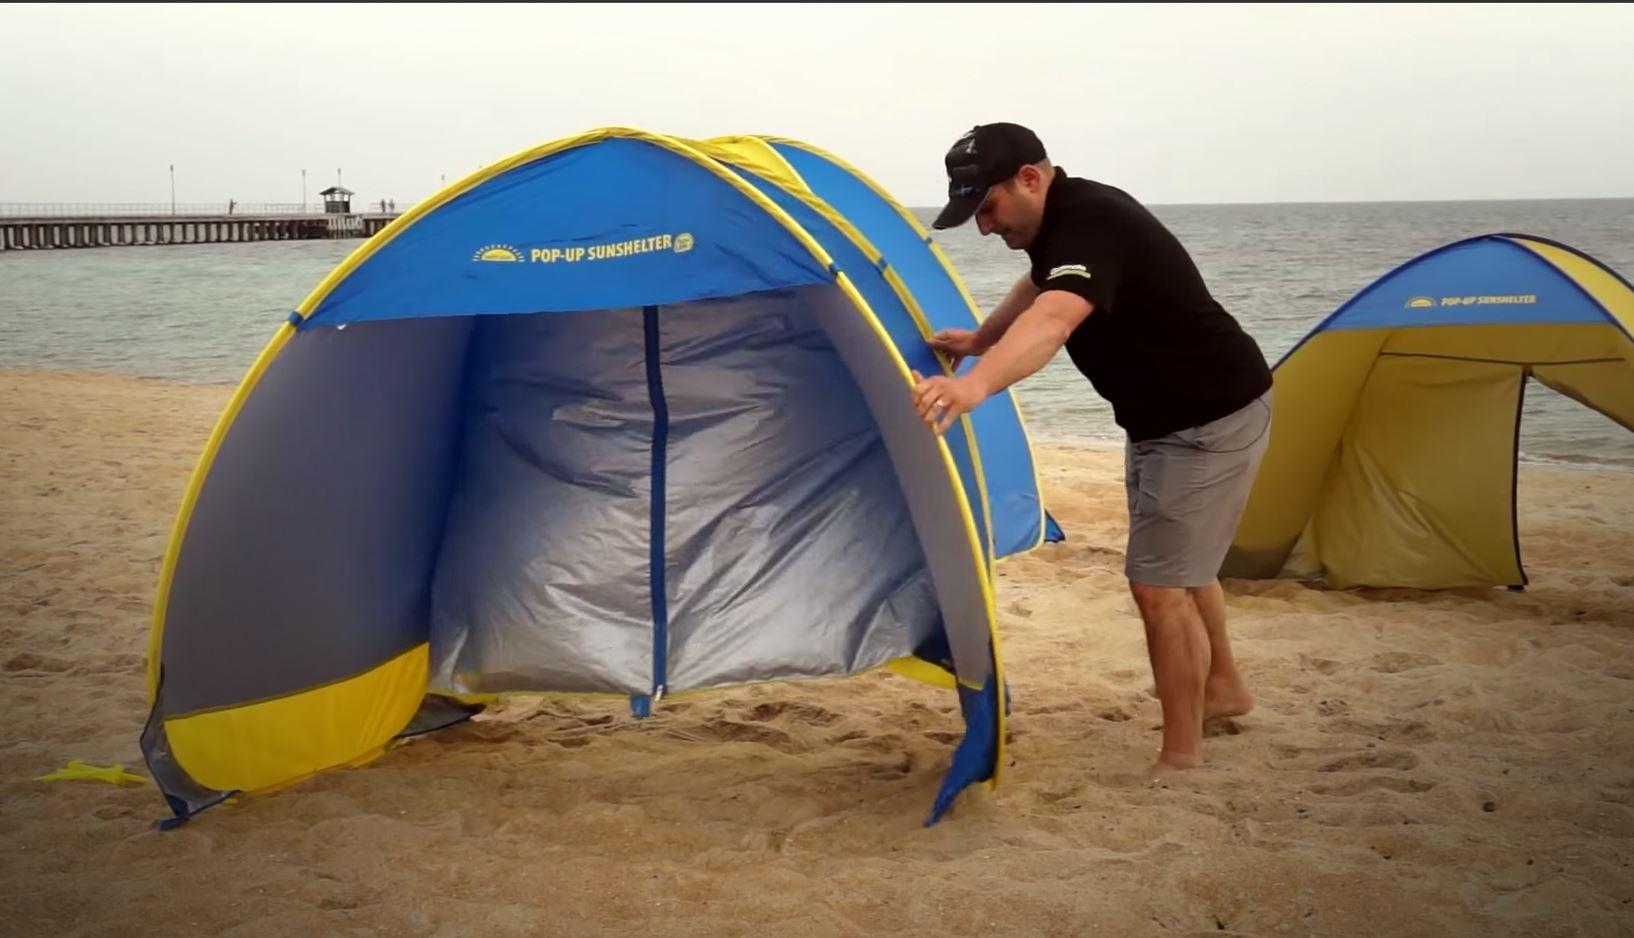 Pop-Up Beach Sunshelter - Small - Video